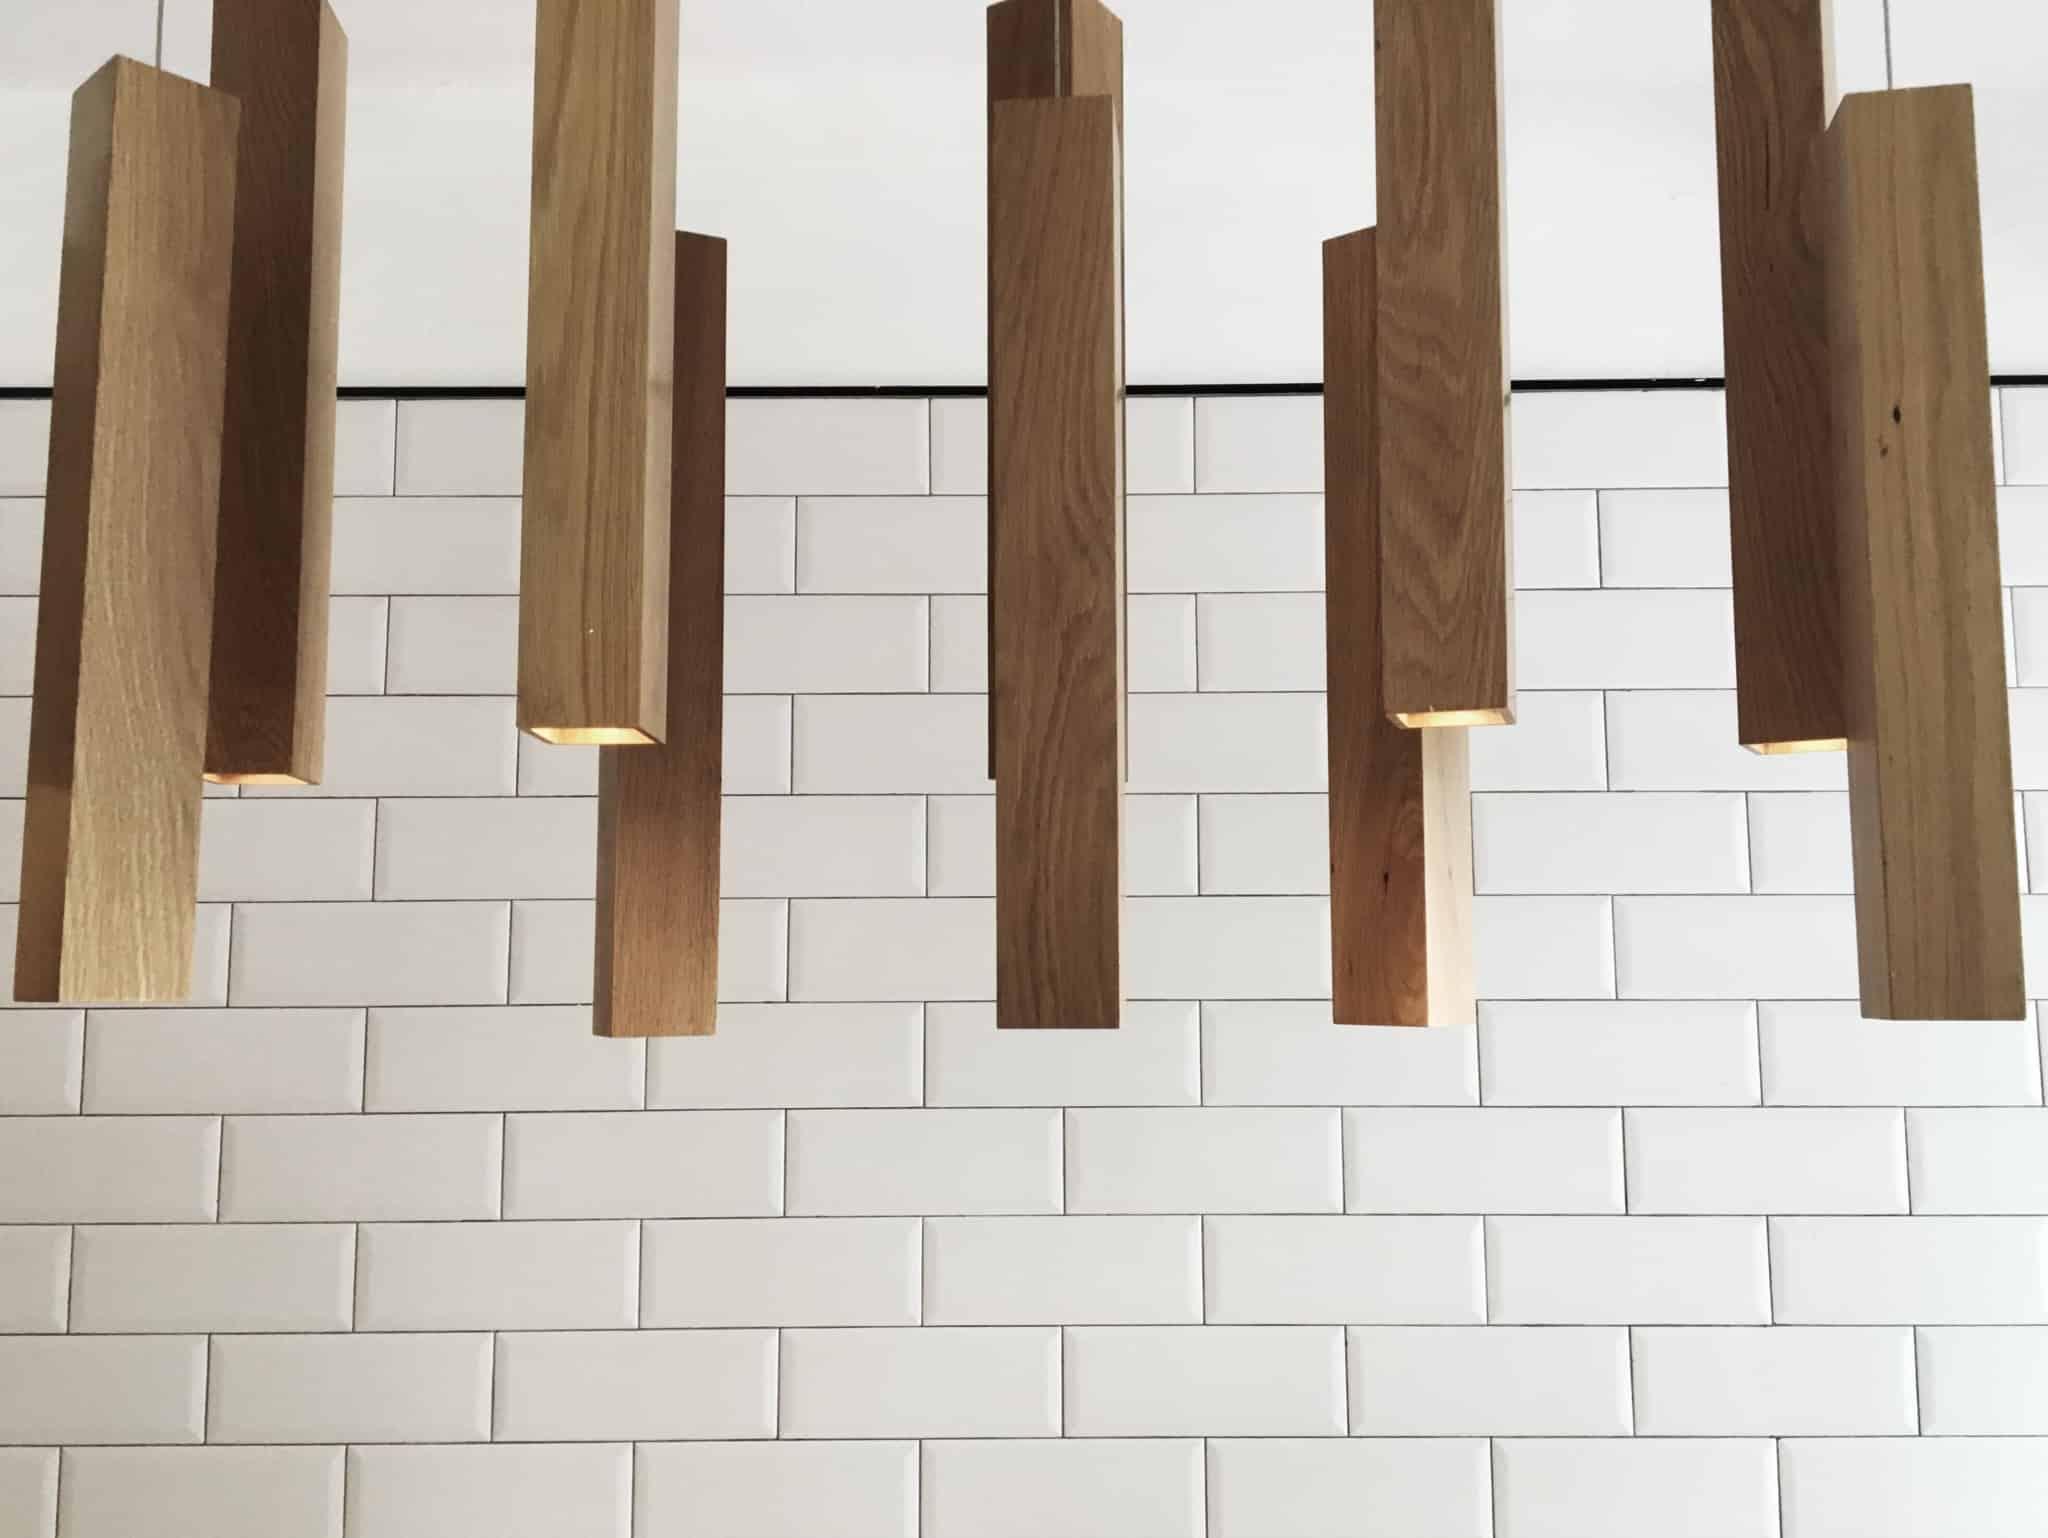 parede com tijolos brancos e estacas de madeira penduradas no tecto